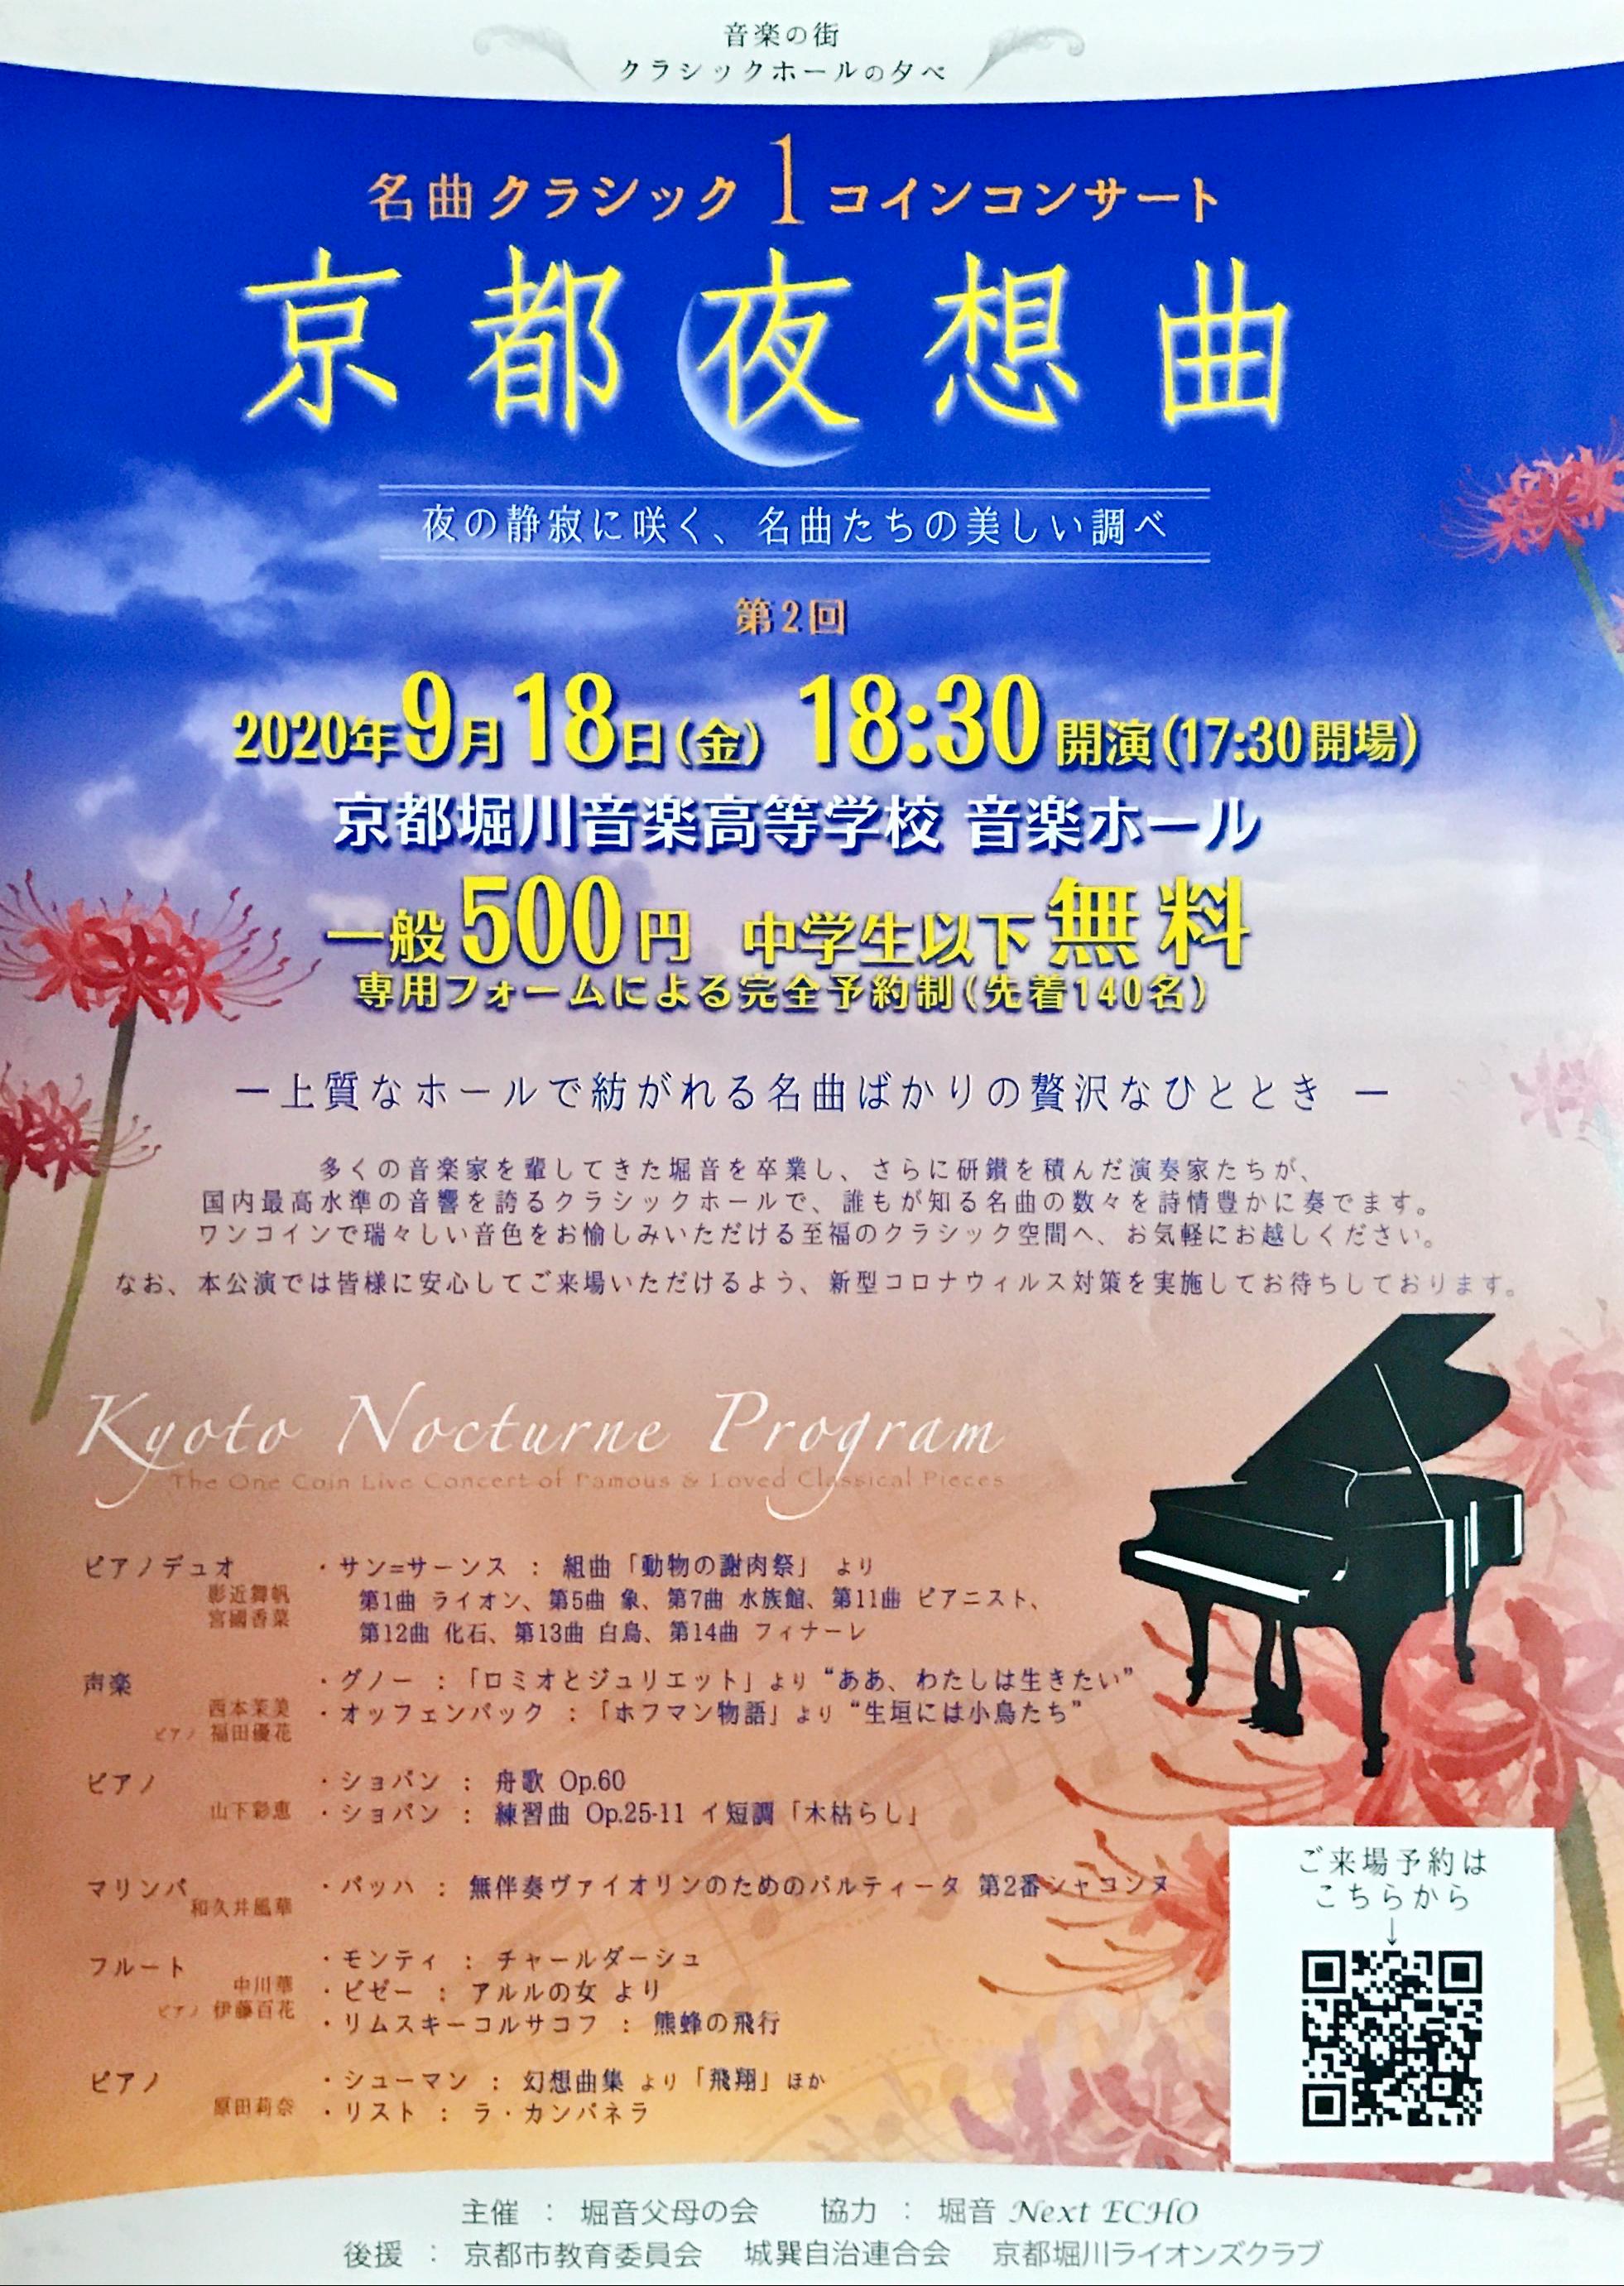 第2回 名曲1クラシックコインコンサート「京都夜想曲」